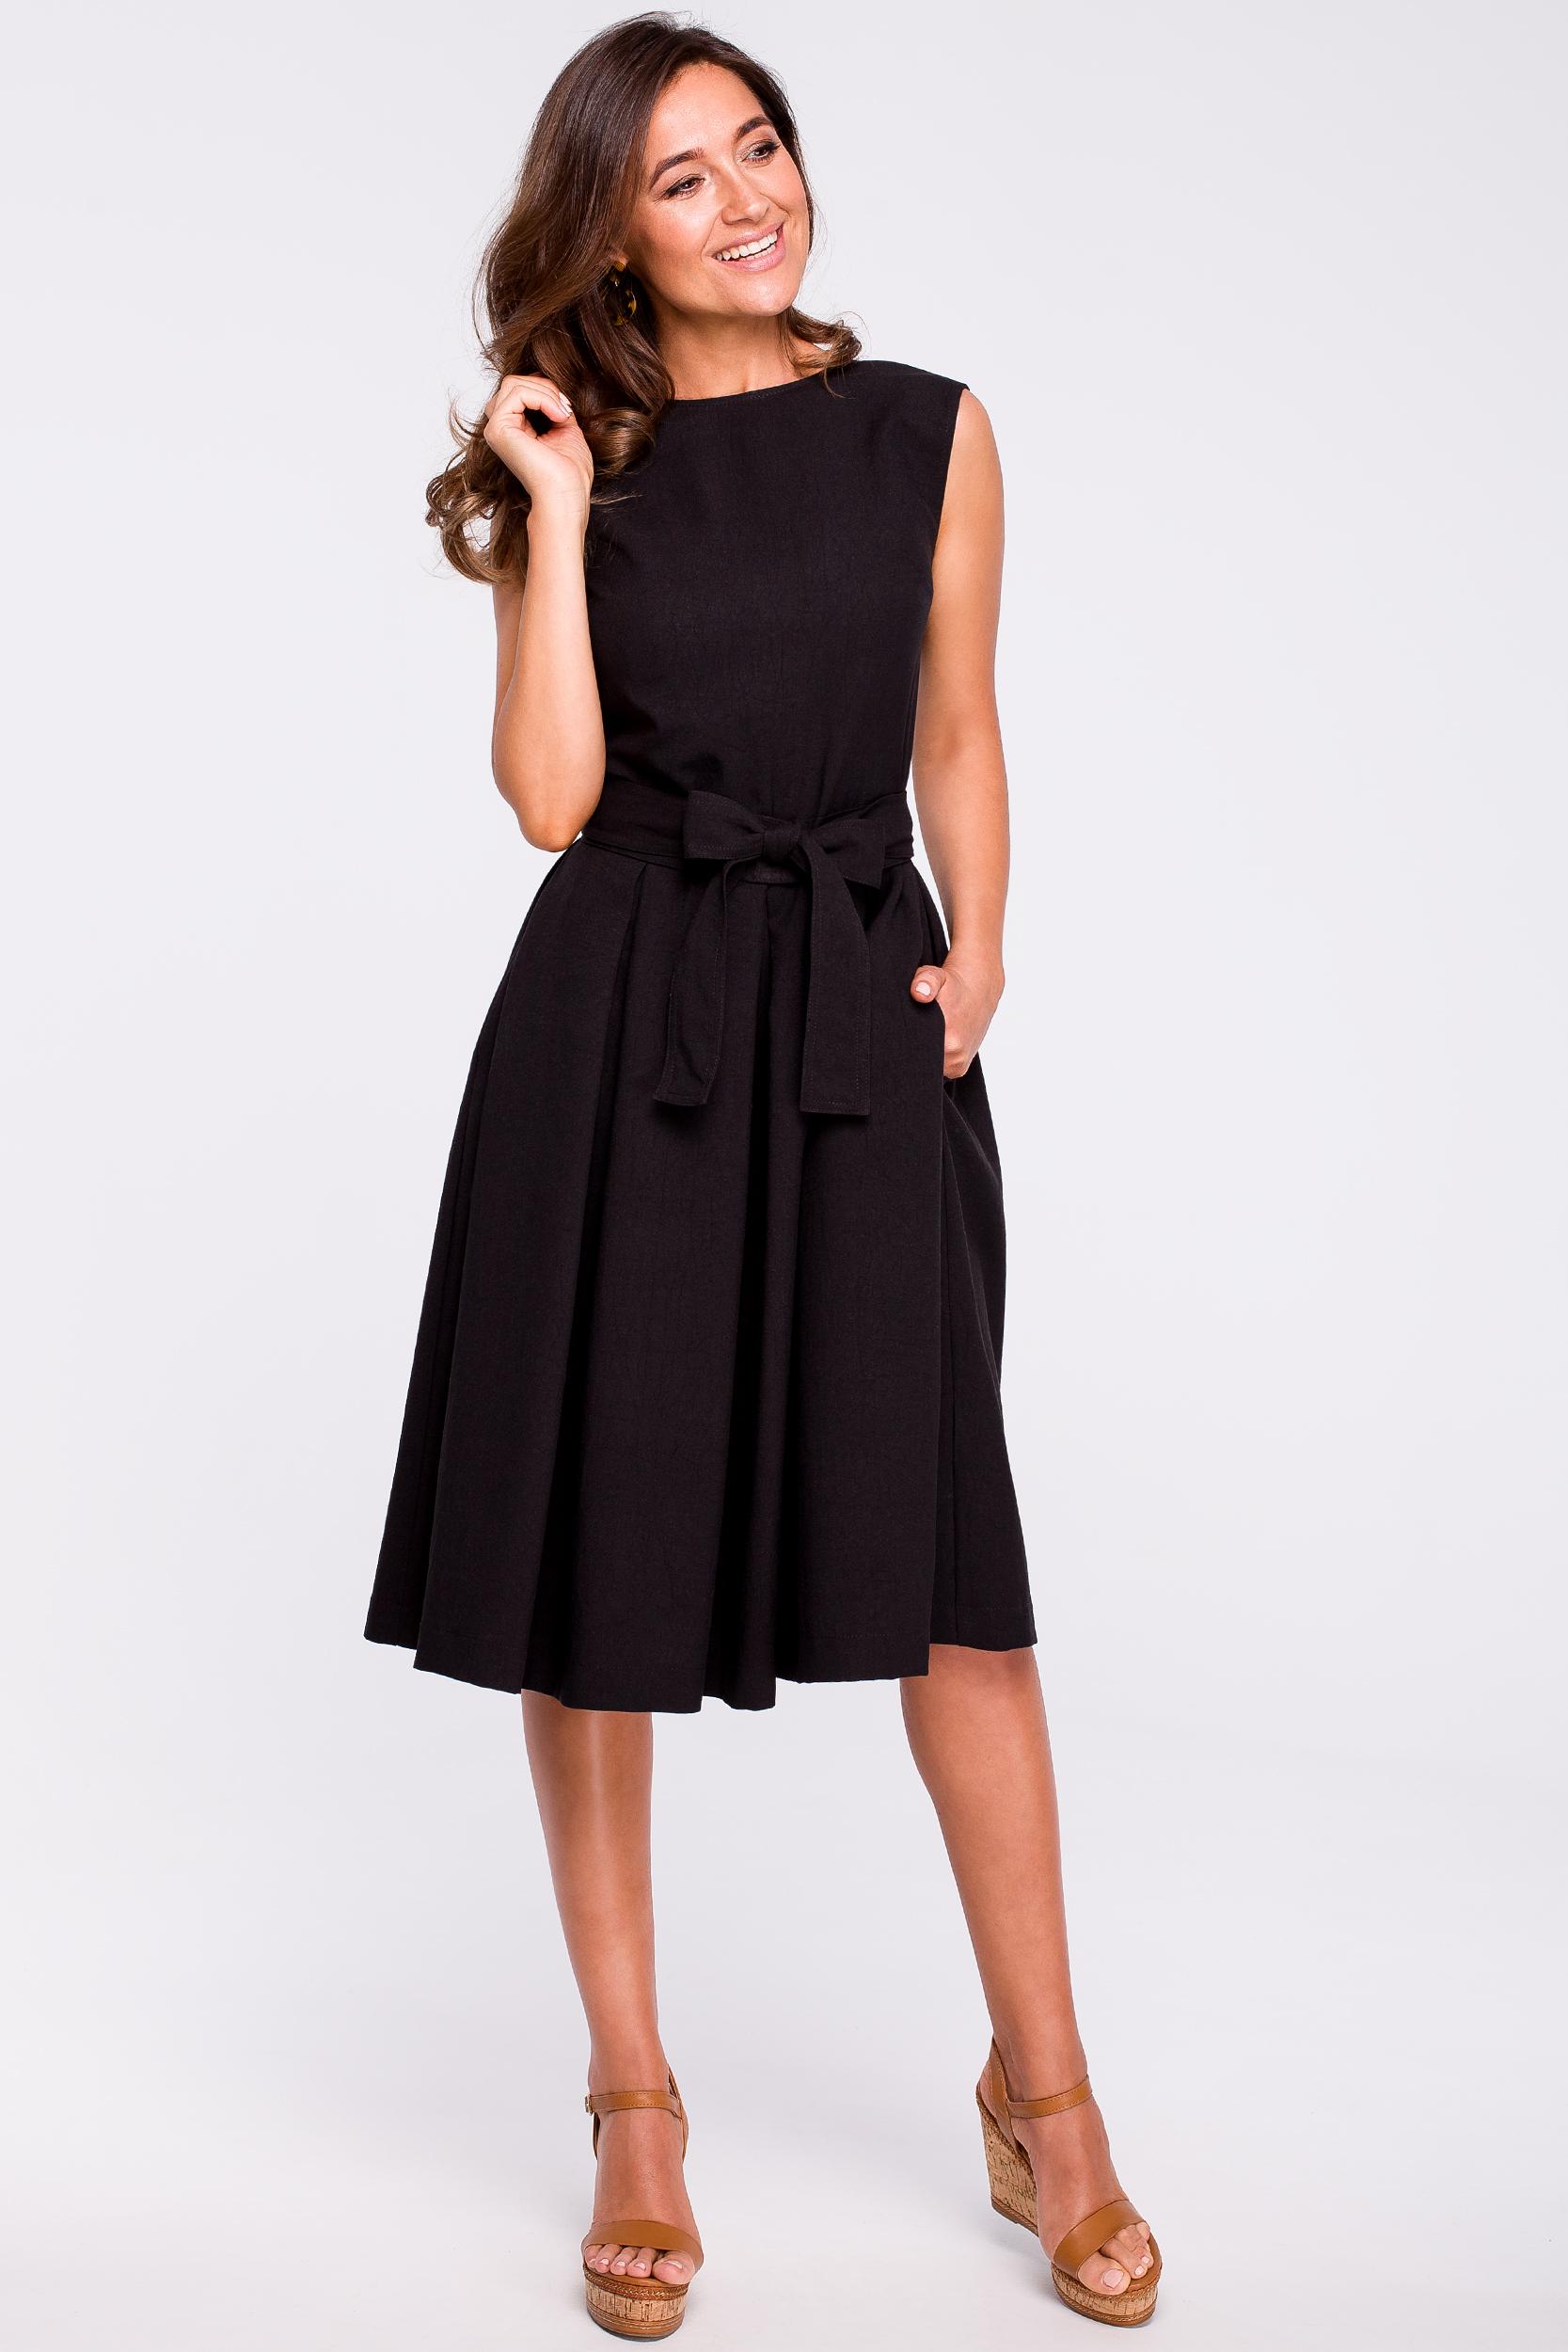 44f76f89e45472 Sukienka rozkloszowana bez rękawów czarna - tani kurier od 5,99 zł